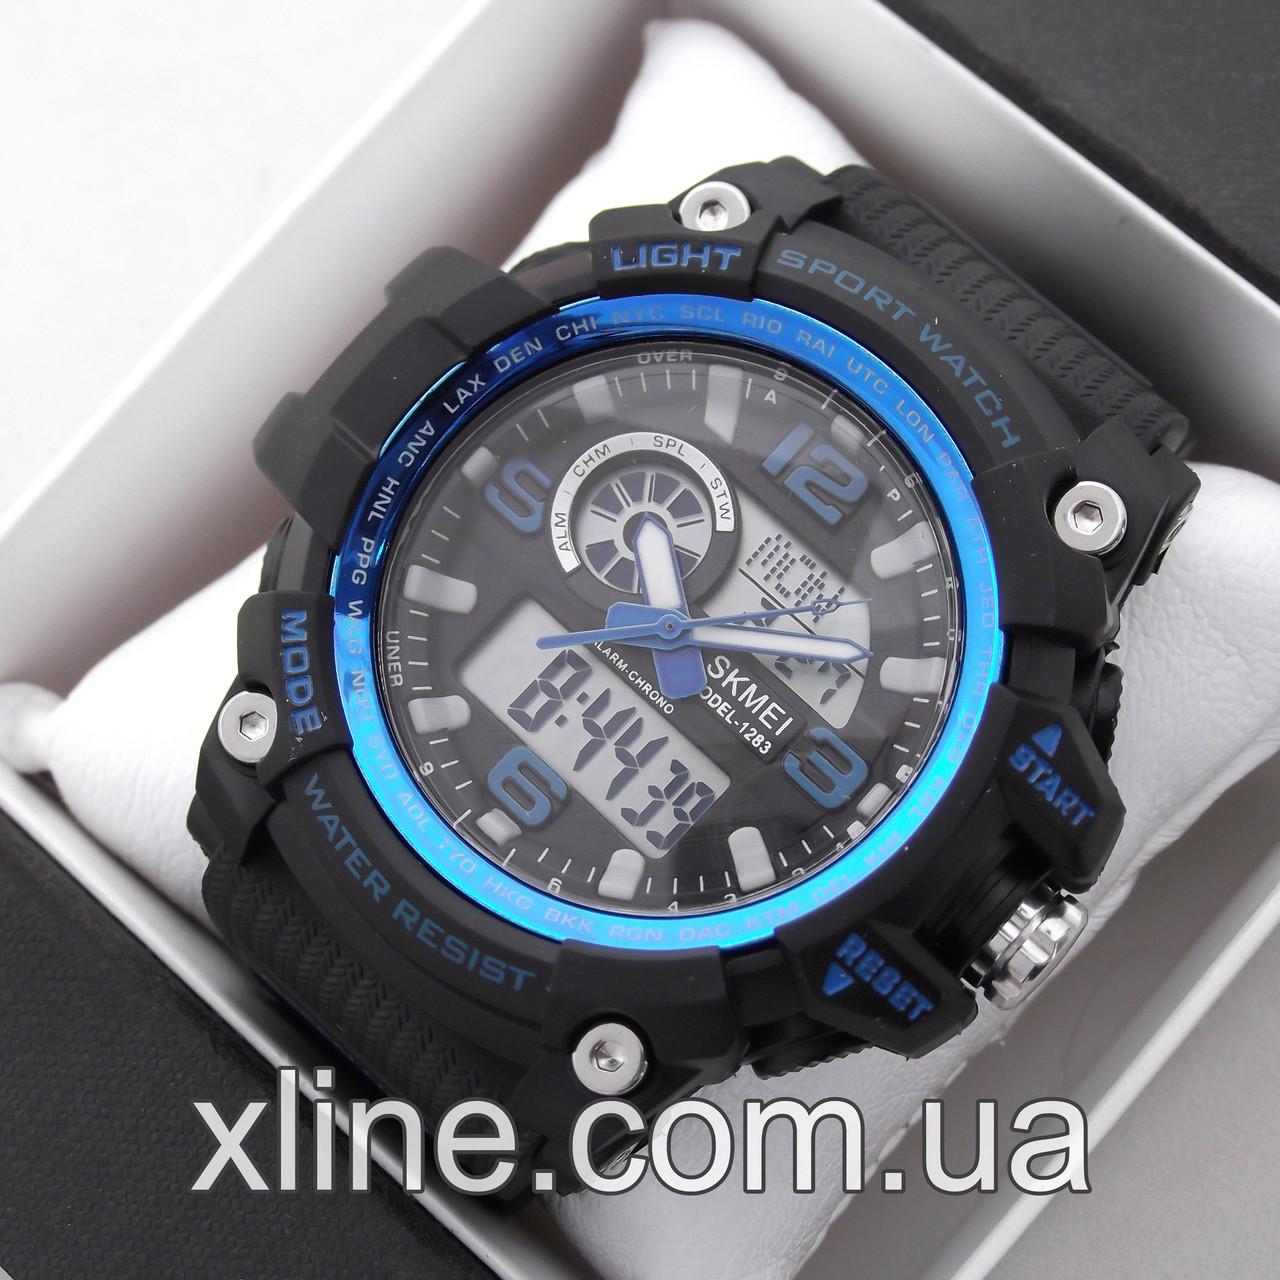 Чоловічі наручні годинники Skmei 1283 на каучуковому ремінці